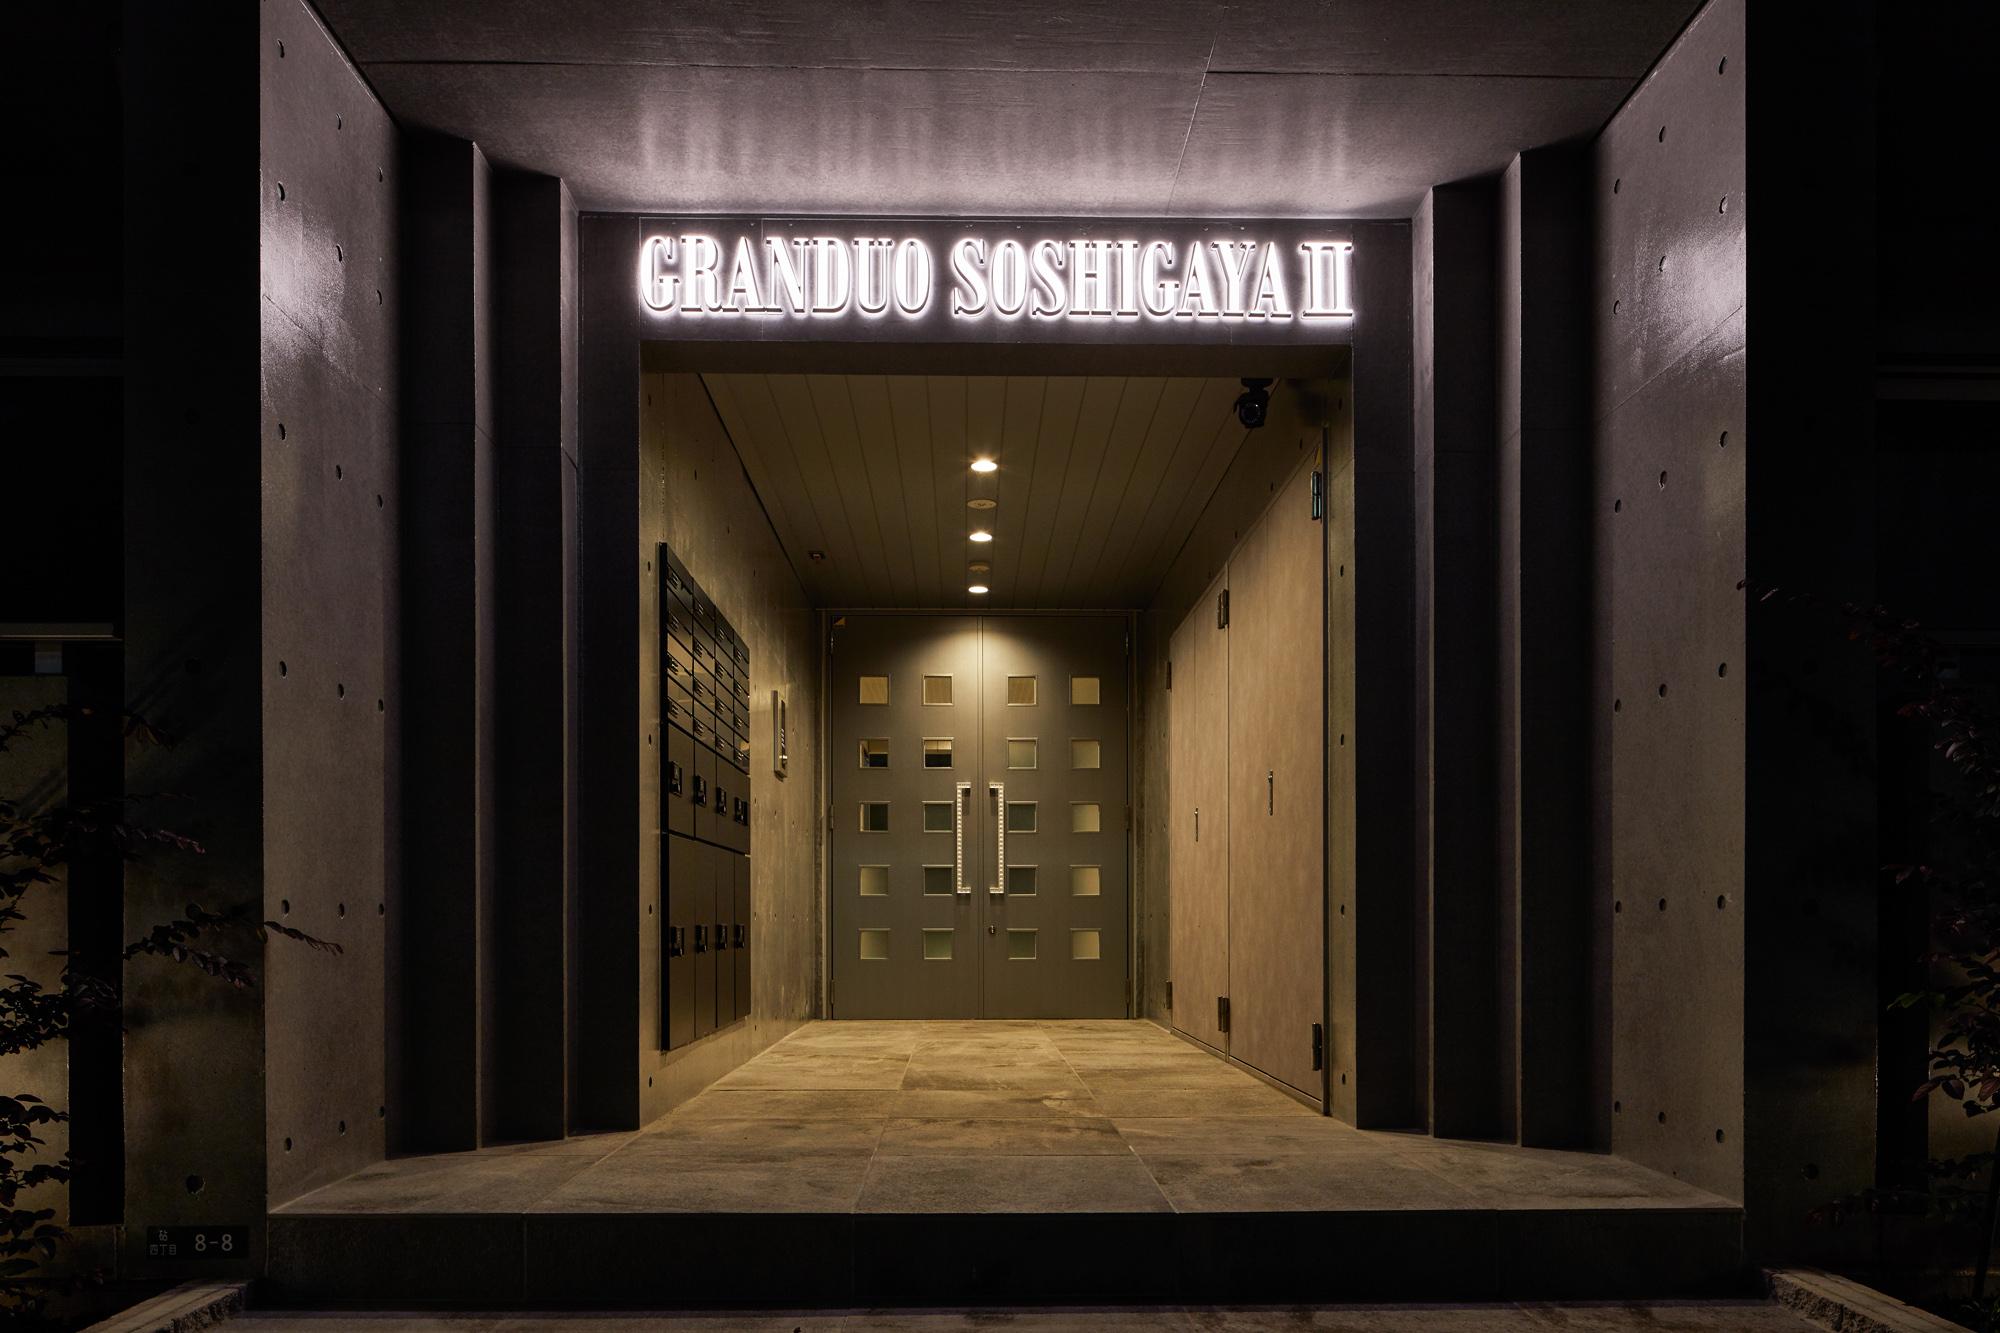 GRANDUO 祖師谷Ⅱの実績写真